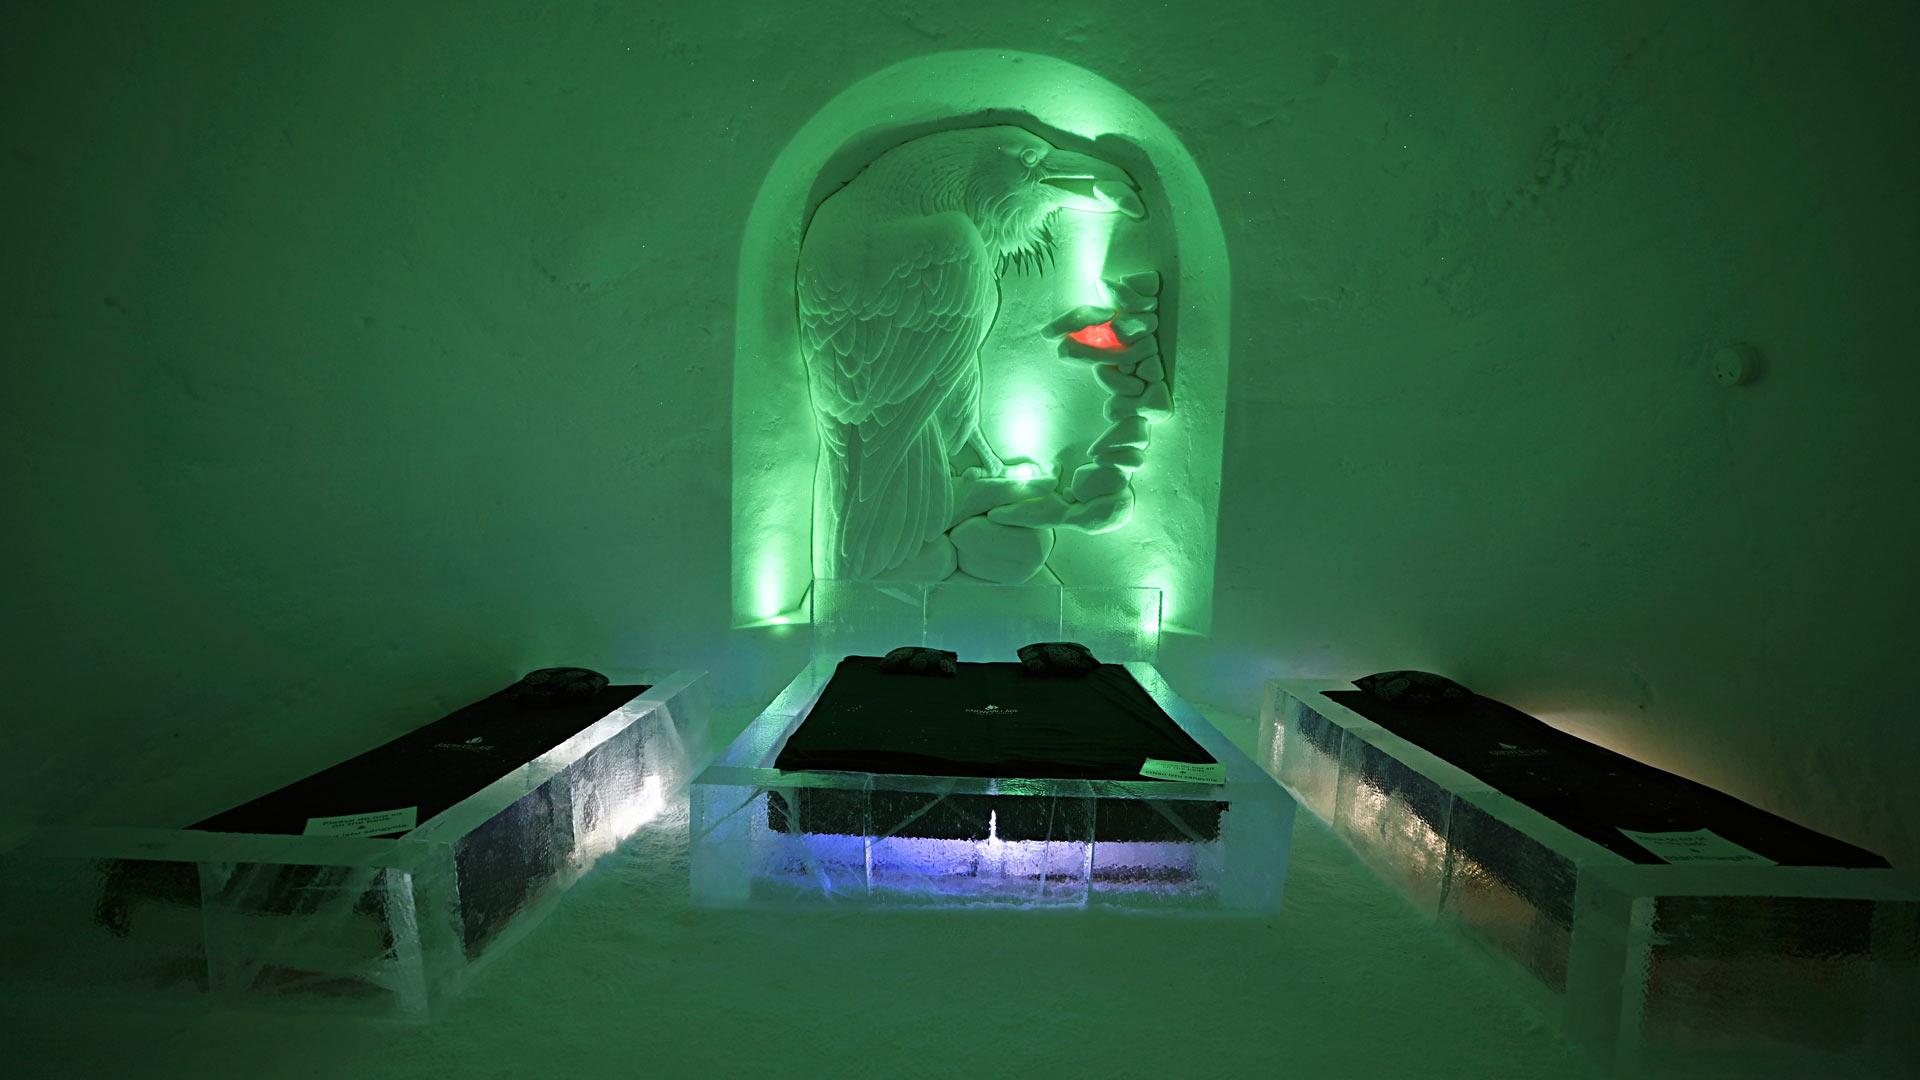 Jää- ja lumirakenteiden sisällä voi myös nauttia lasillisen jäisestä lasista tai jopa viettää yön oikeassa lumihotellissa.